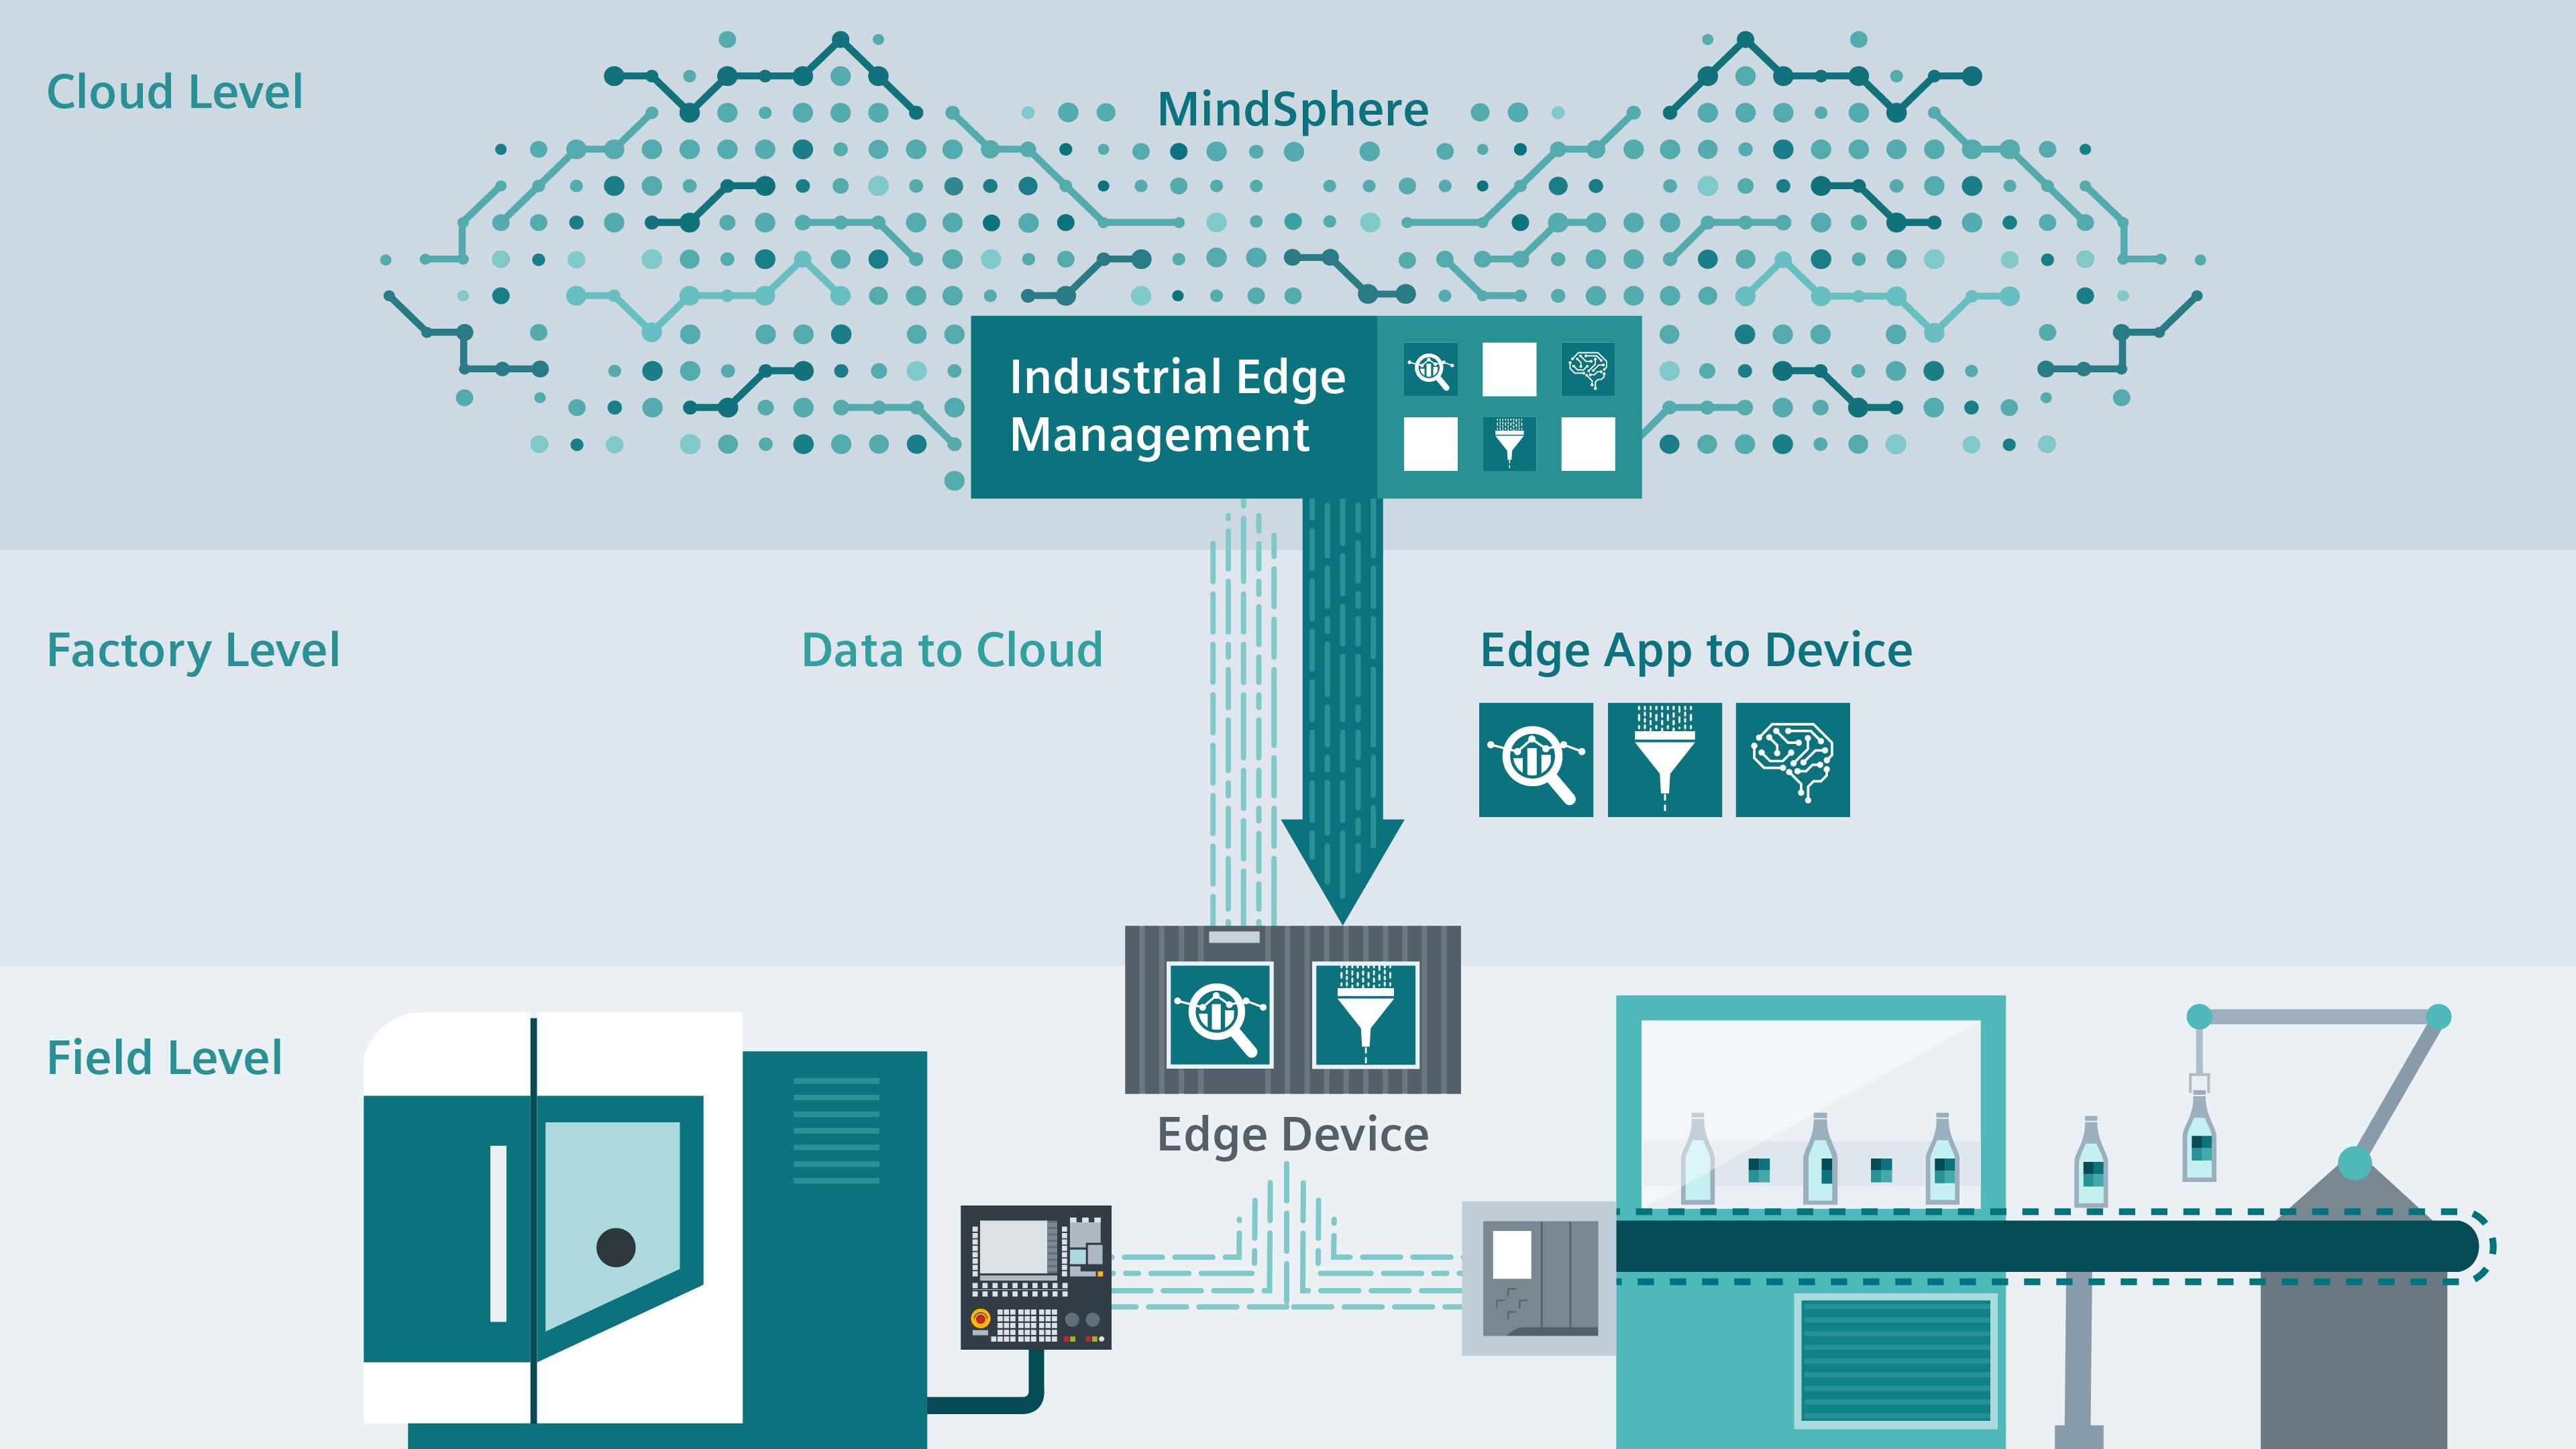 Siemens erweitert mit Industrial Edge die Feldebene um die Vorteile der Cloud.